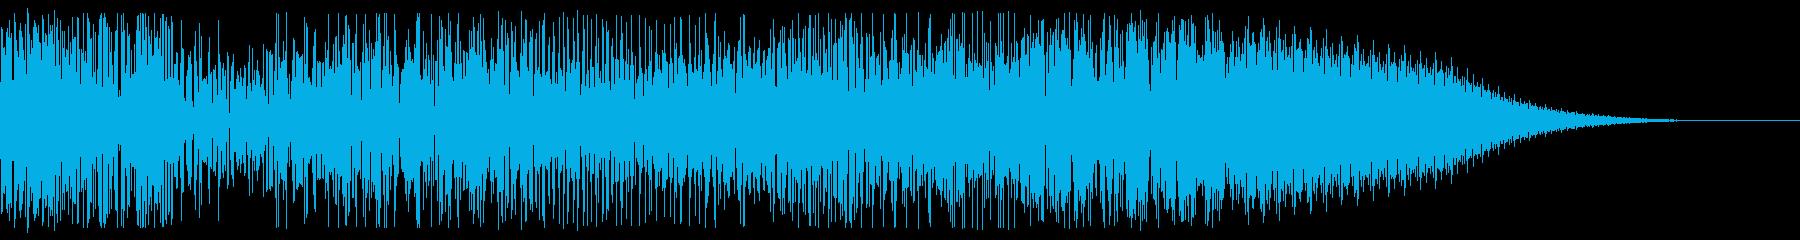 爆発前に一度空気が収束する音の再生済みの波形